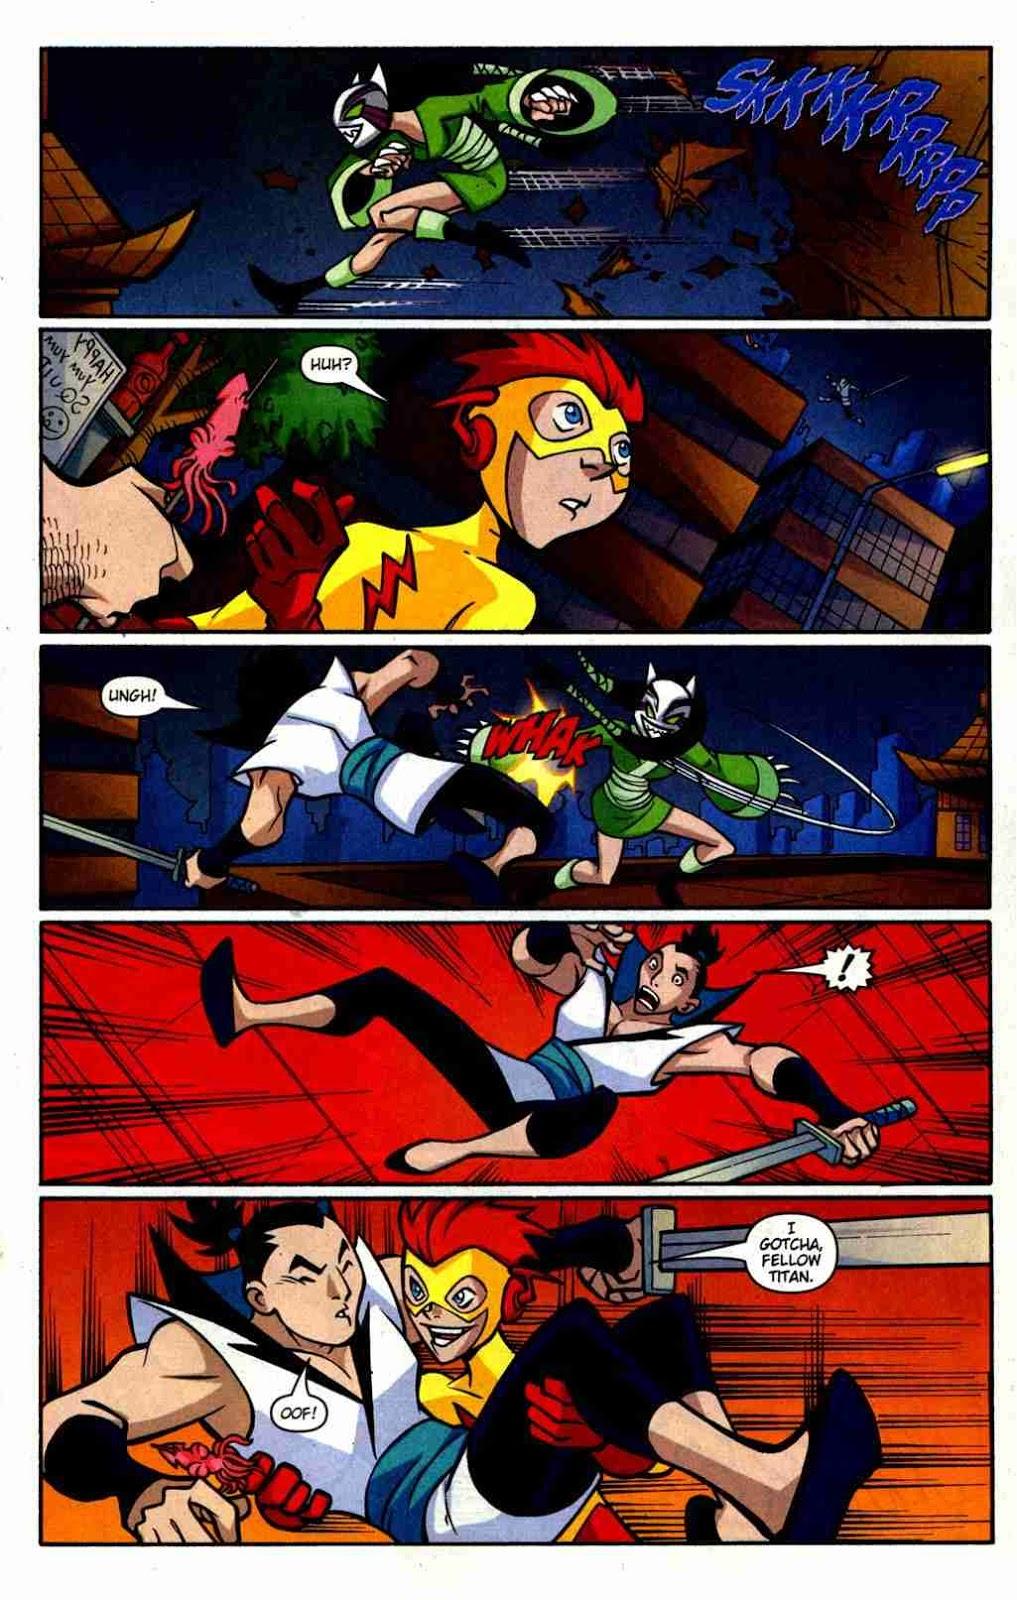 Teen Titans GO! Comic book series: Teen Titans GO! Issue